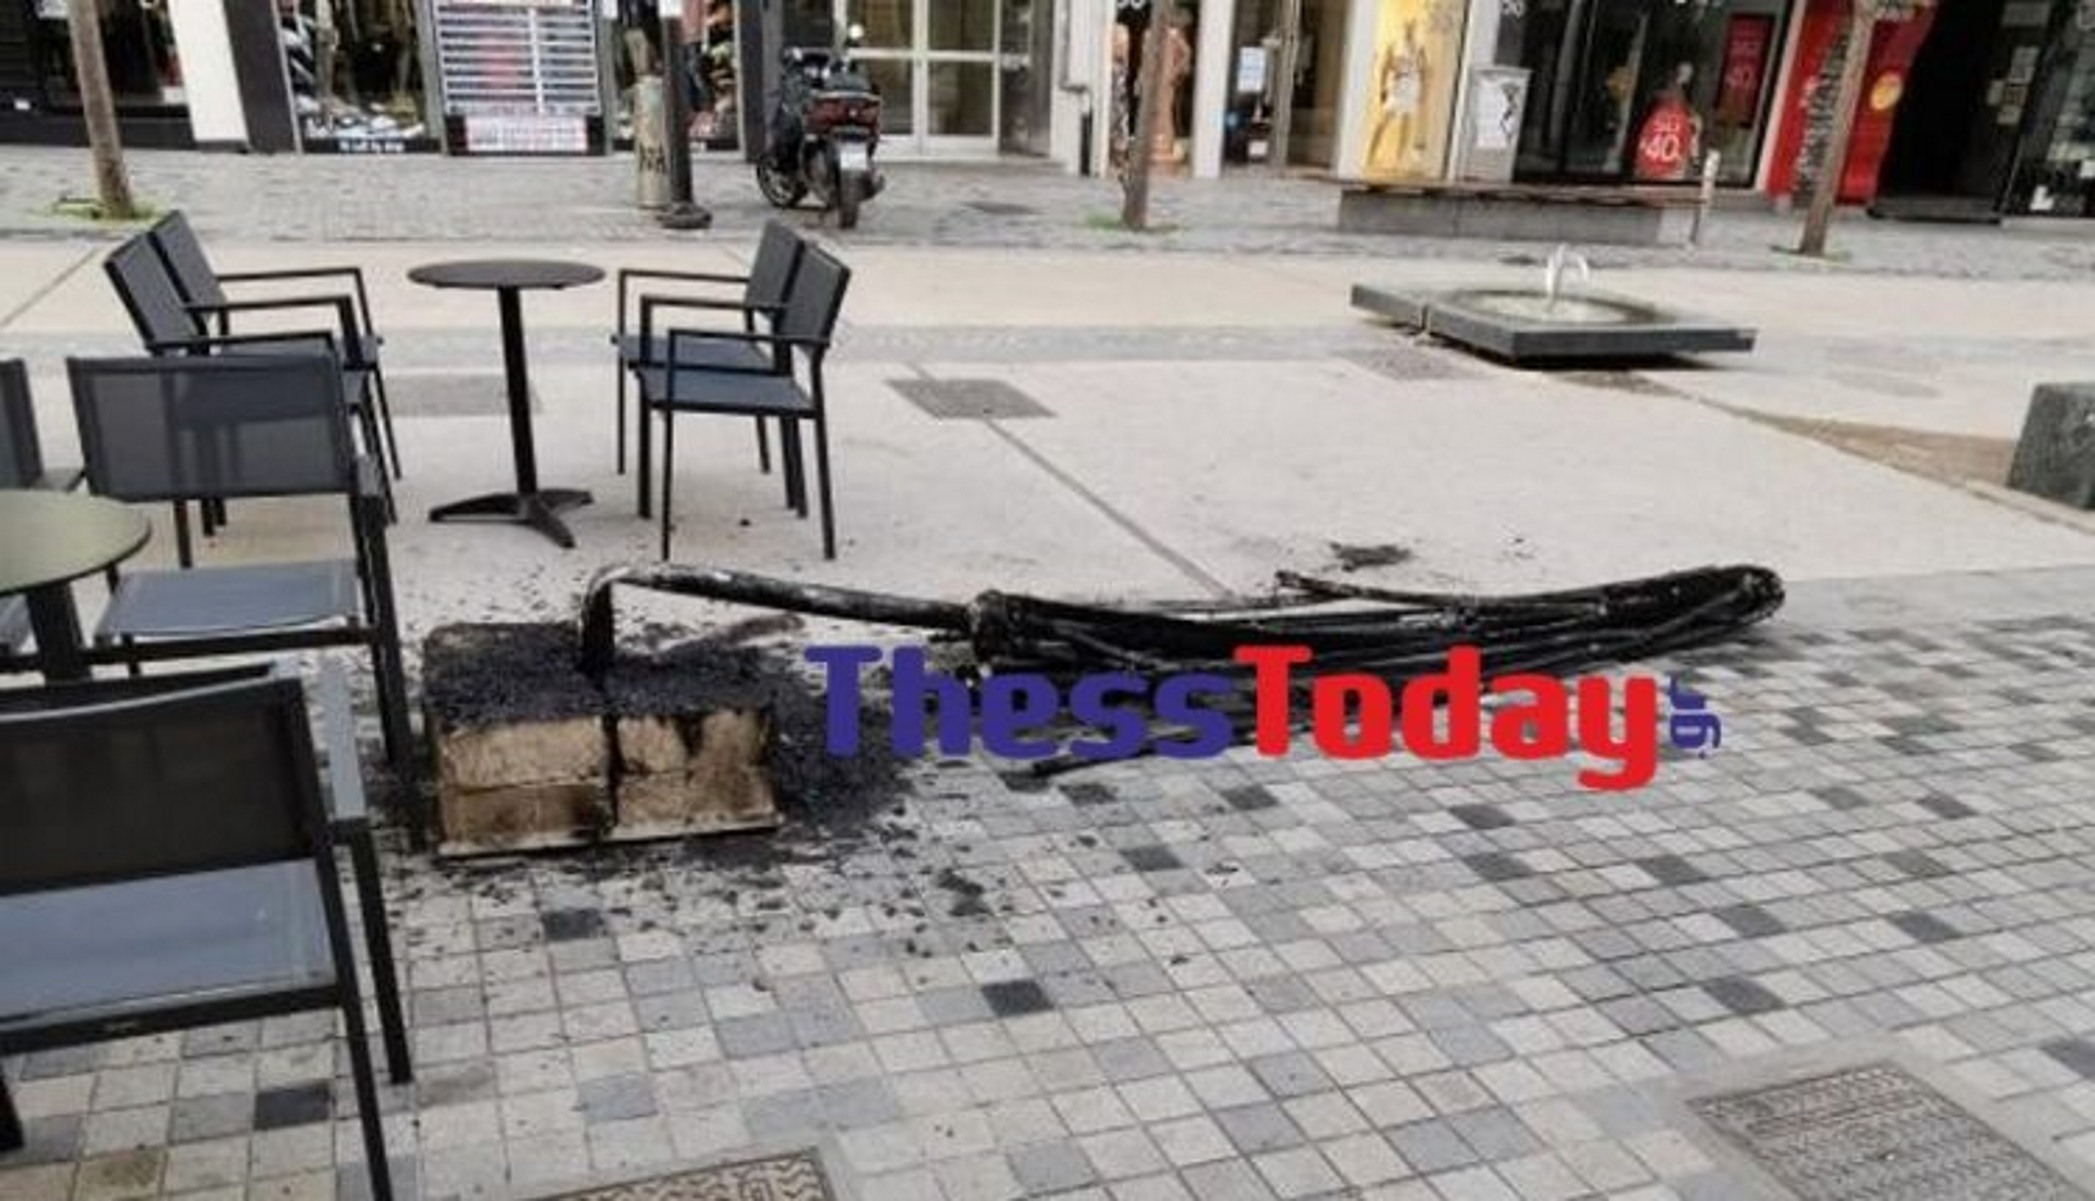 Θεσσαλονίκη: Εμπρηστική επίθεση σε καφετέρια – Σοκαρισμένο το προσωπικό (pics)